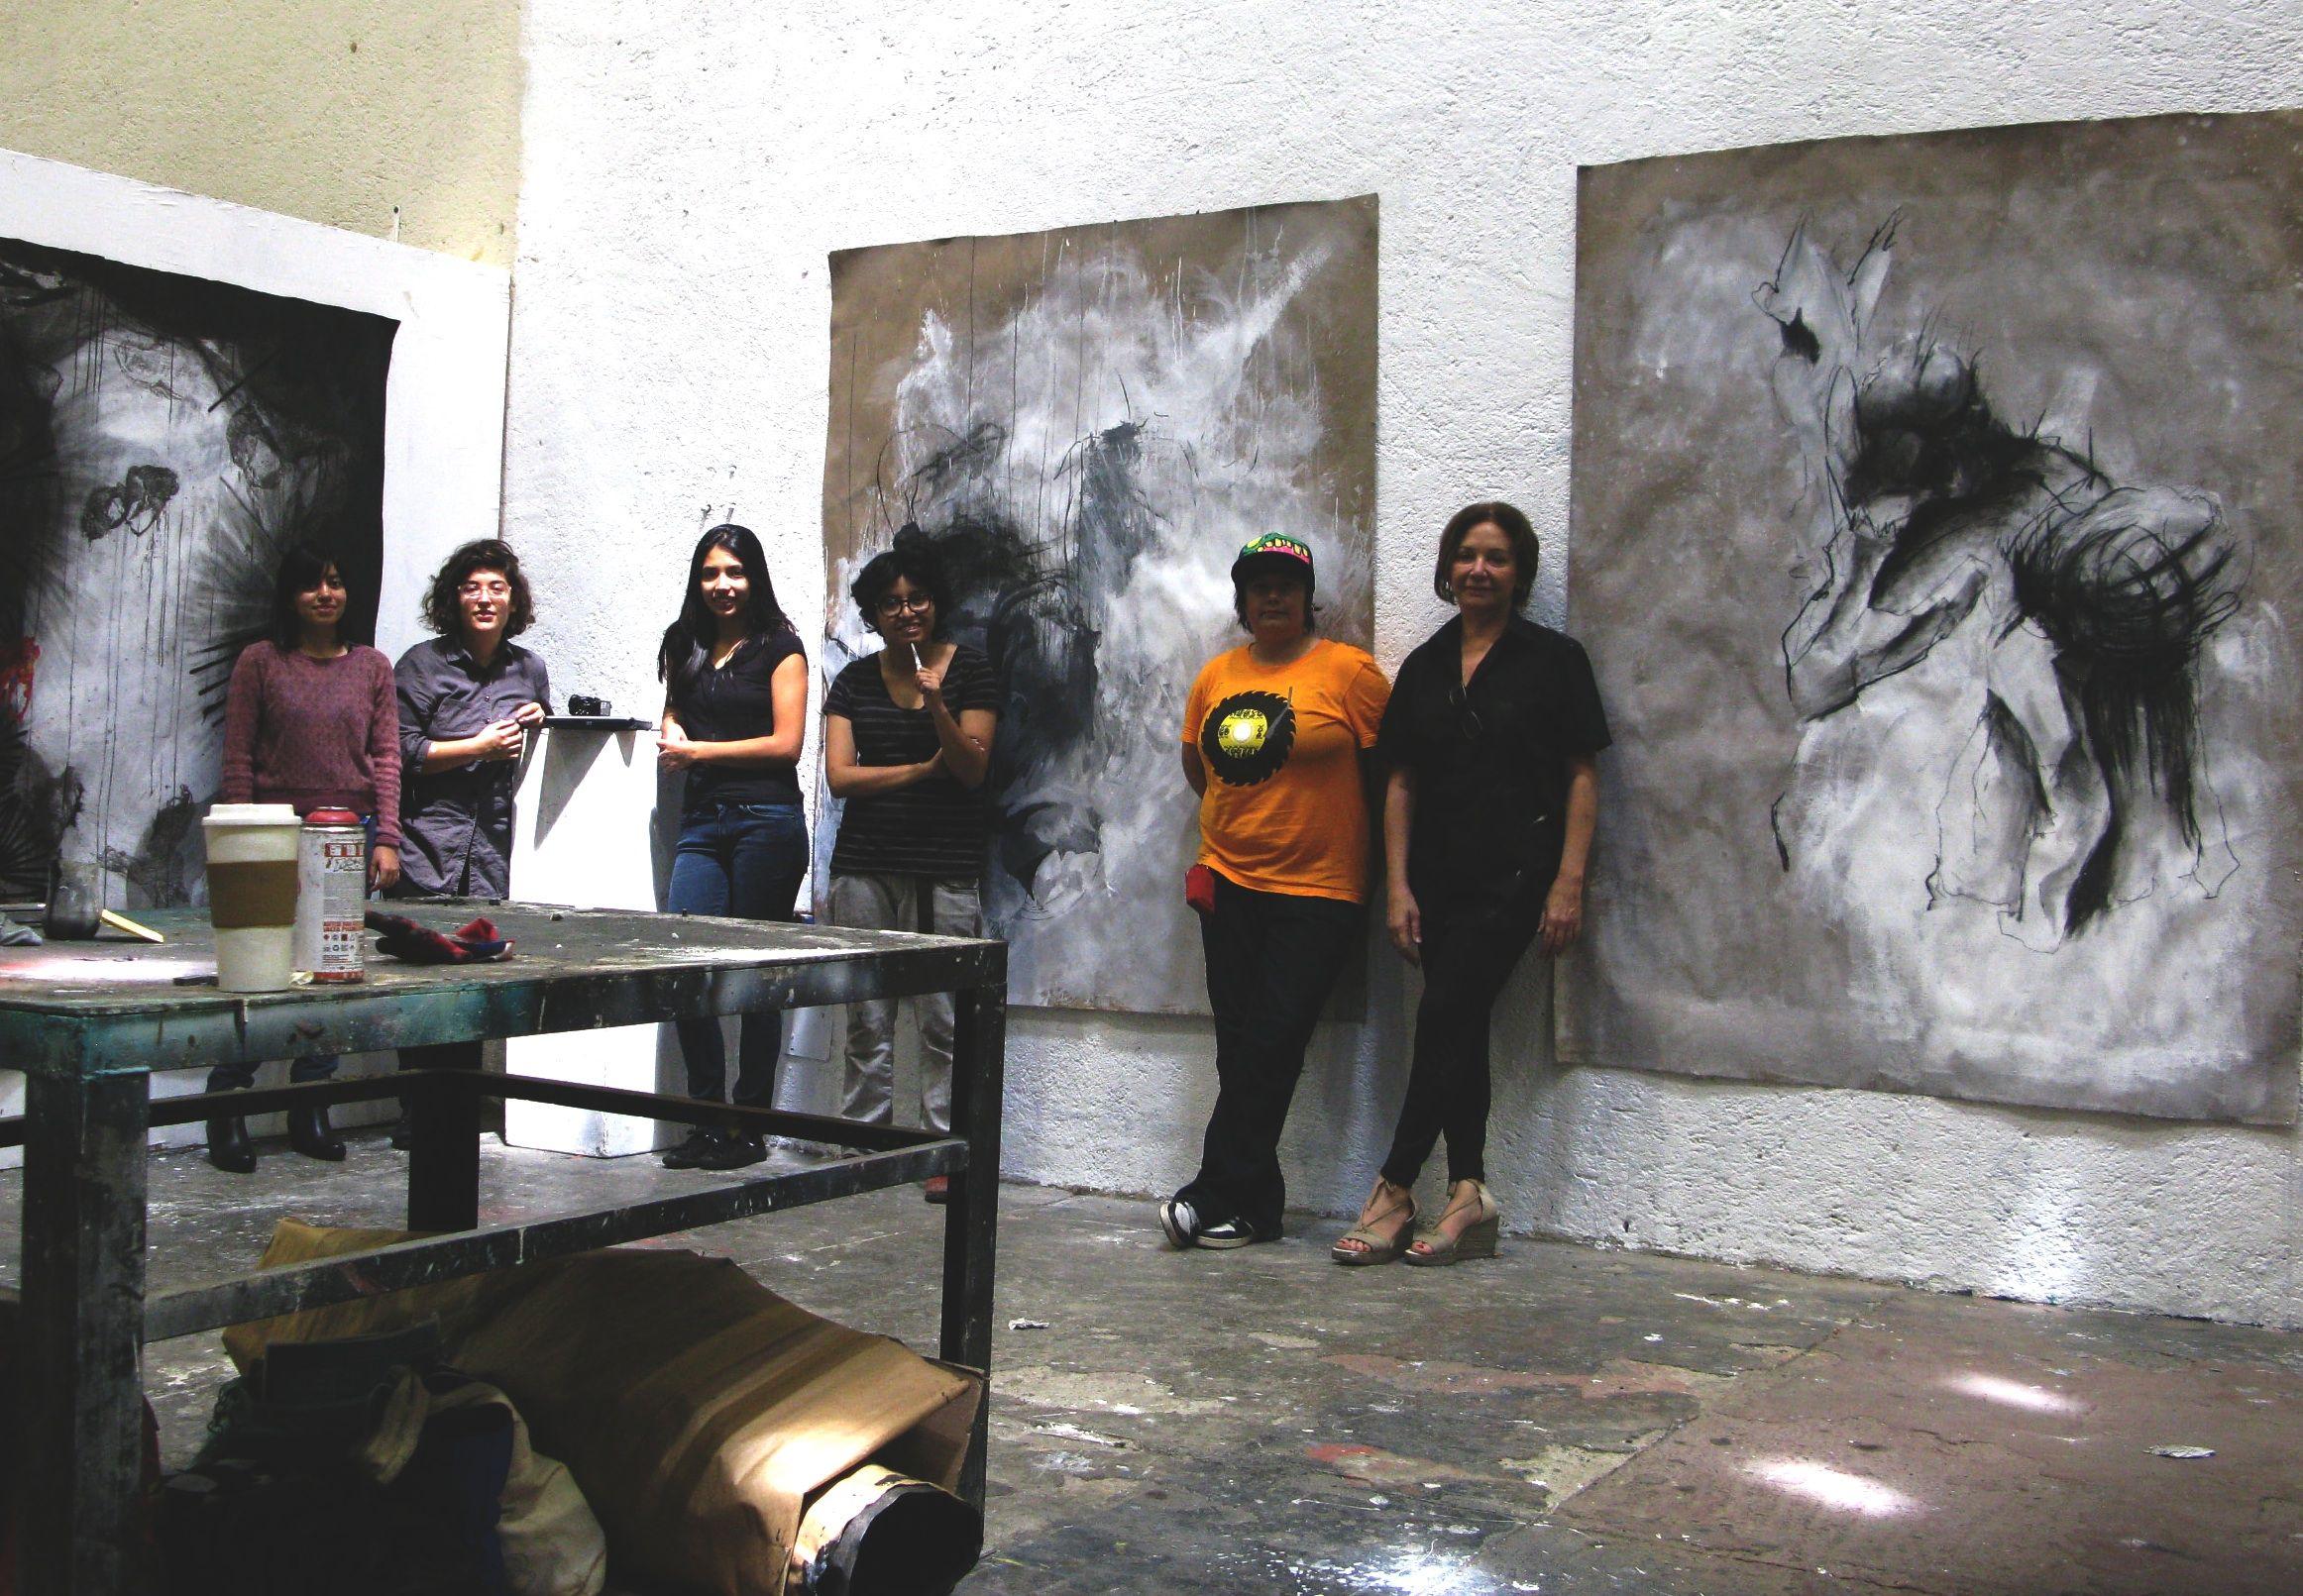 A la derecha, la profesora Marusela Granell, junto a algunos de los participantes en su taller de obras de gran formato celebrado en México.